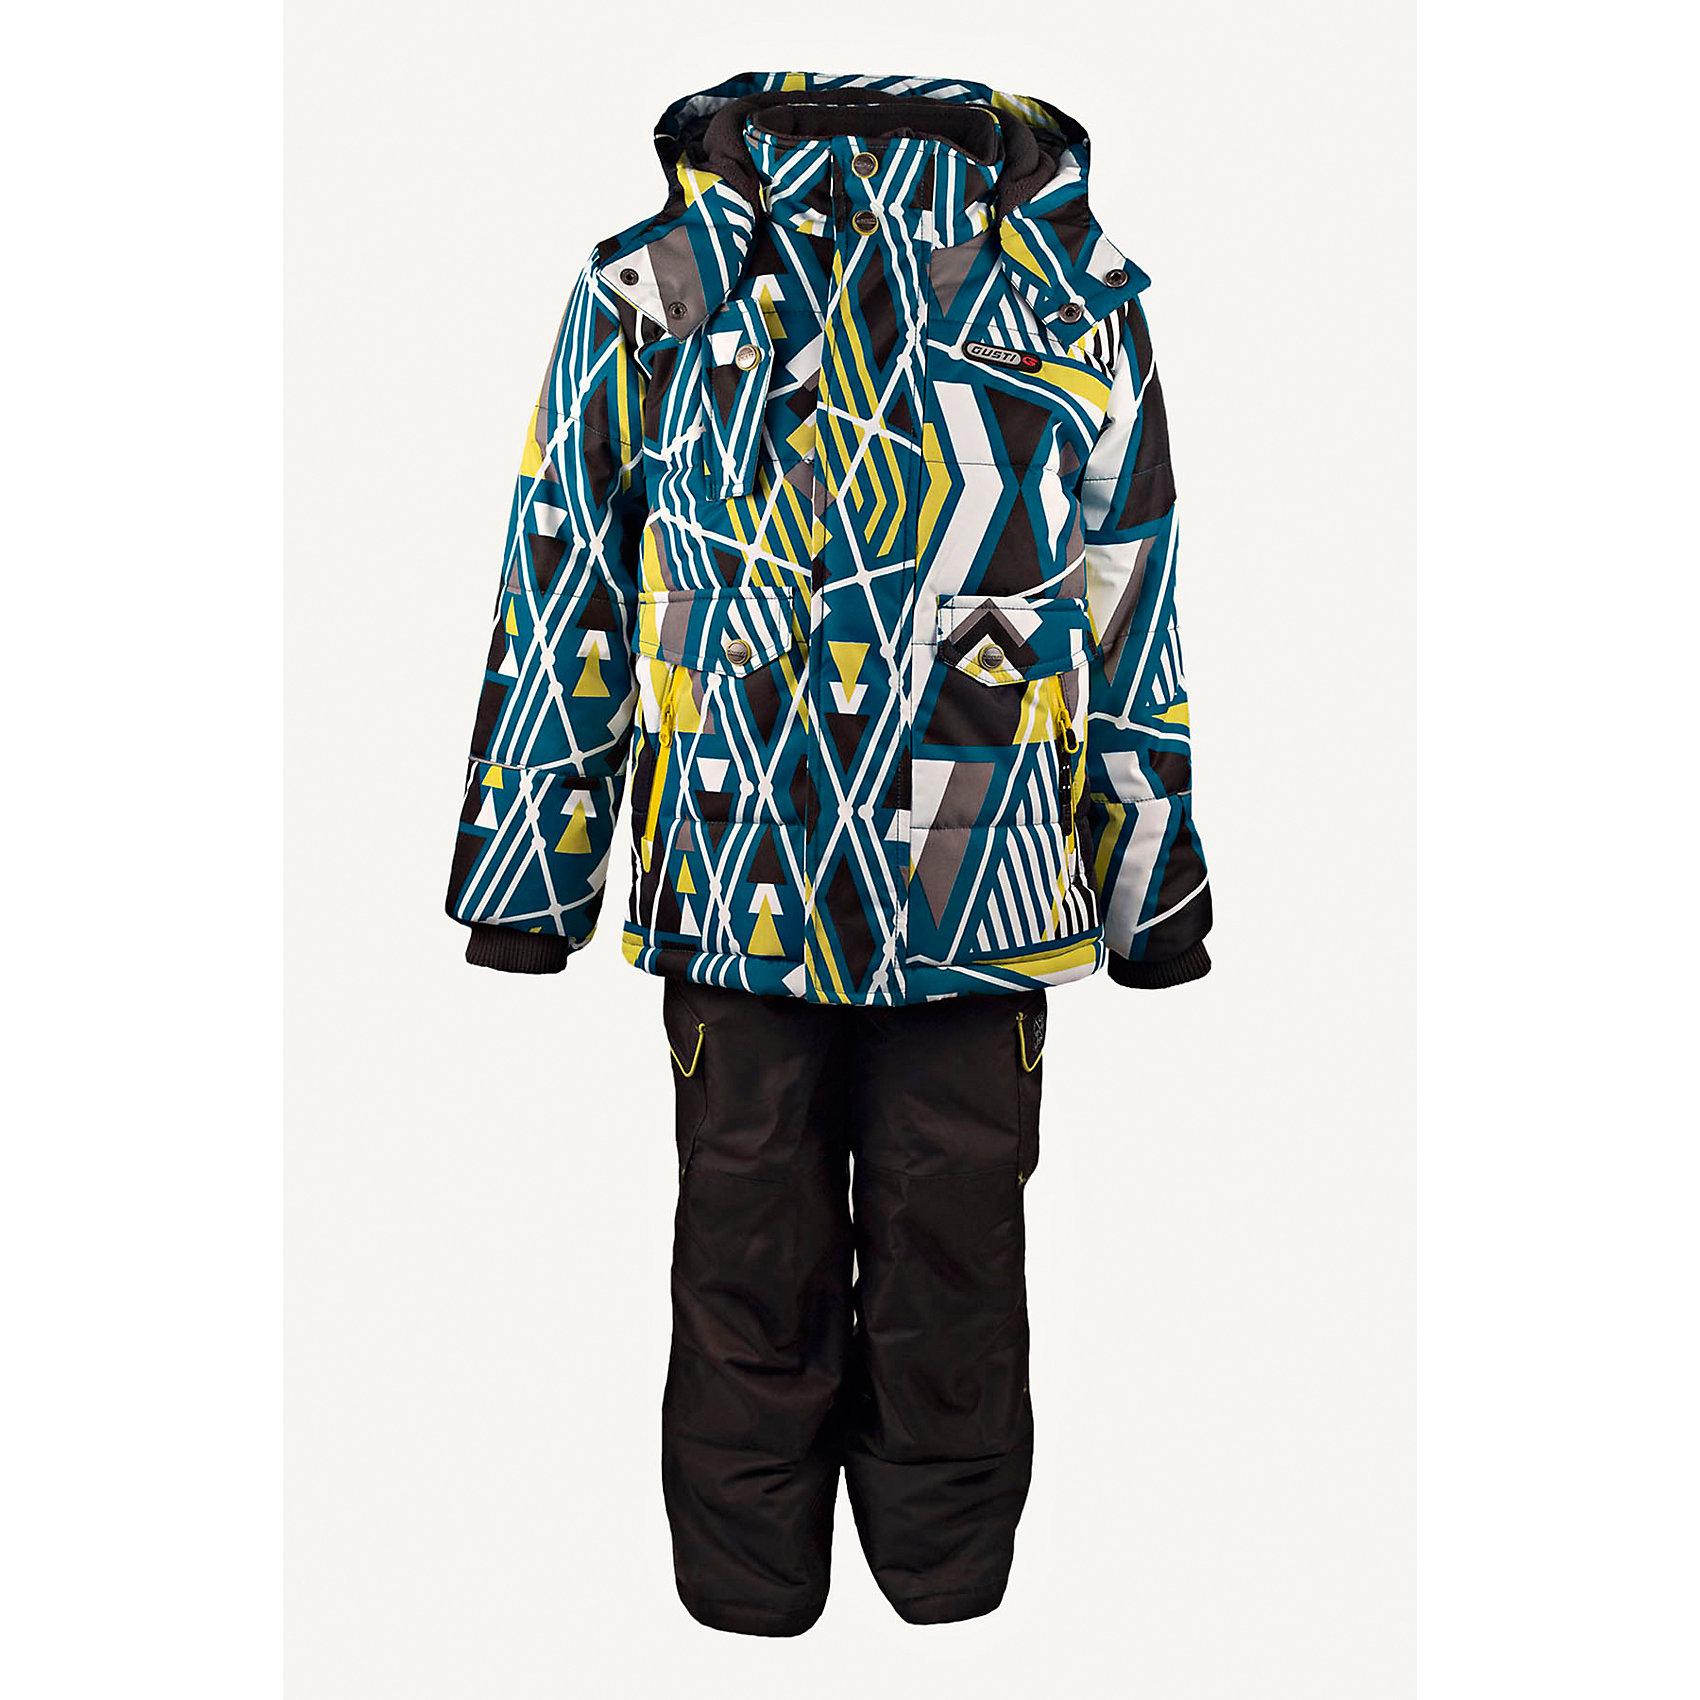 Комплект: куртка и полукомбинезон GUSTIКомплект: куртка и полукомбинезон GUSTI (ГУСТИ) – это идеальный вариант для суровой зимы с сильными морозами.<br><br>Температурный режим: до -30  градусов. Степень утепления – высокая. <br><br>* Температурный режим указан приблизительно — необходимо, прежде всего, ориентироваться на ощущения ребенка. Температурный режим работает в случае соблюдения правила многослойности – использования флисовой поддевы и термобелья.<br><br>Комплект от GUSTI (ГУСТИ) состоит из куртки и полукомбинезона прямого кроя, выполненных из плотного непромокаемого материала с защитной от влаги мембраной 5000 мм. Тань хорошо сохраняет тепло, отталкивает влагу и позволяет коже ребенка дышать. Утеплитель из тек-полифилла и флисовая внутренняя отделка на груди и на спинке дают возможность использовать комплект при очень низких температурах. Куртка застегивается на молнию с ветрозащитной планкой, имеет боковые карманы на застежках-молниях, снегозащитную юбку, трикотажные манжеты в рукавах, отстёгивающийся прилегающий капюшон с флисовой подкладкой, высокий ворот с защитой подбородка. Низ рукавов регулируется с помощью липучек. Полукомбинезон застегивается на молнию, имеет два накладных кармана с клапанами на липучках, регулируемые лямки, снегозащитные гетры. Длина брючин регулируется (отворот с креплением на липе). Сзади, на коленях, и по низу брючин имеется дополнительный слой ткани Cordura Oxford (сверхстойкий полиэстер). До размера 6х (120 см) у полукомбинезона высокая грудка, в размерах 7 (122 см) - 14 (164см) отстегивающаяся спинка, грудки нет.<br><br>Дополнительная информация:<br><br>- Сезон: зима<br>- Пол: мальчик<br>- Цвет: серый, синий, желтый, черный<br>- Узор: геометрия<br>- Температурный режим до -30 градусов<br>- Материал верха: куртка - shuss 5000мм (100% полиэстер); брюки - taslan 5000мм, накладки Cordura Oxford сзади, на коленях, и по низу брючин<br>- Наполнитель: куртка - тек-полифилл плотностью 283 гр/м (10 унций) 100% полиэстер; брюки - тек-п